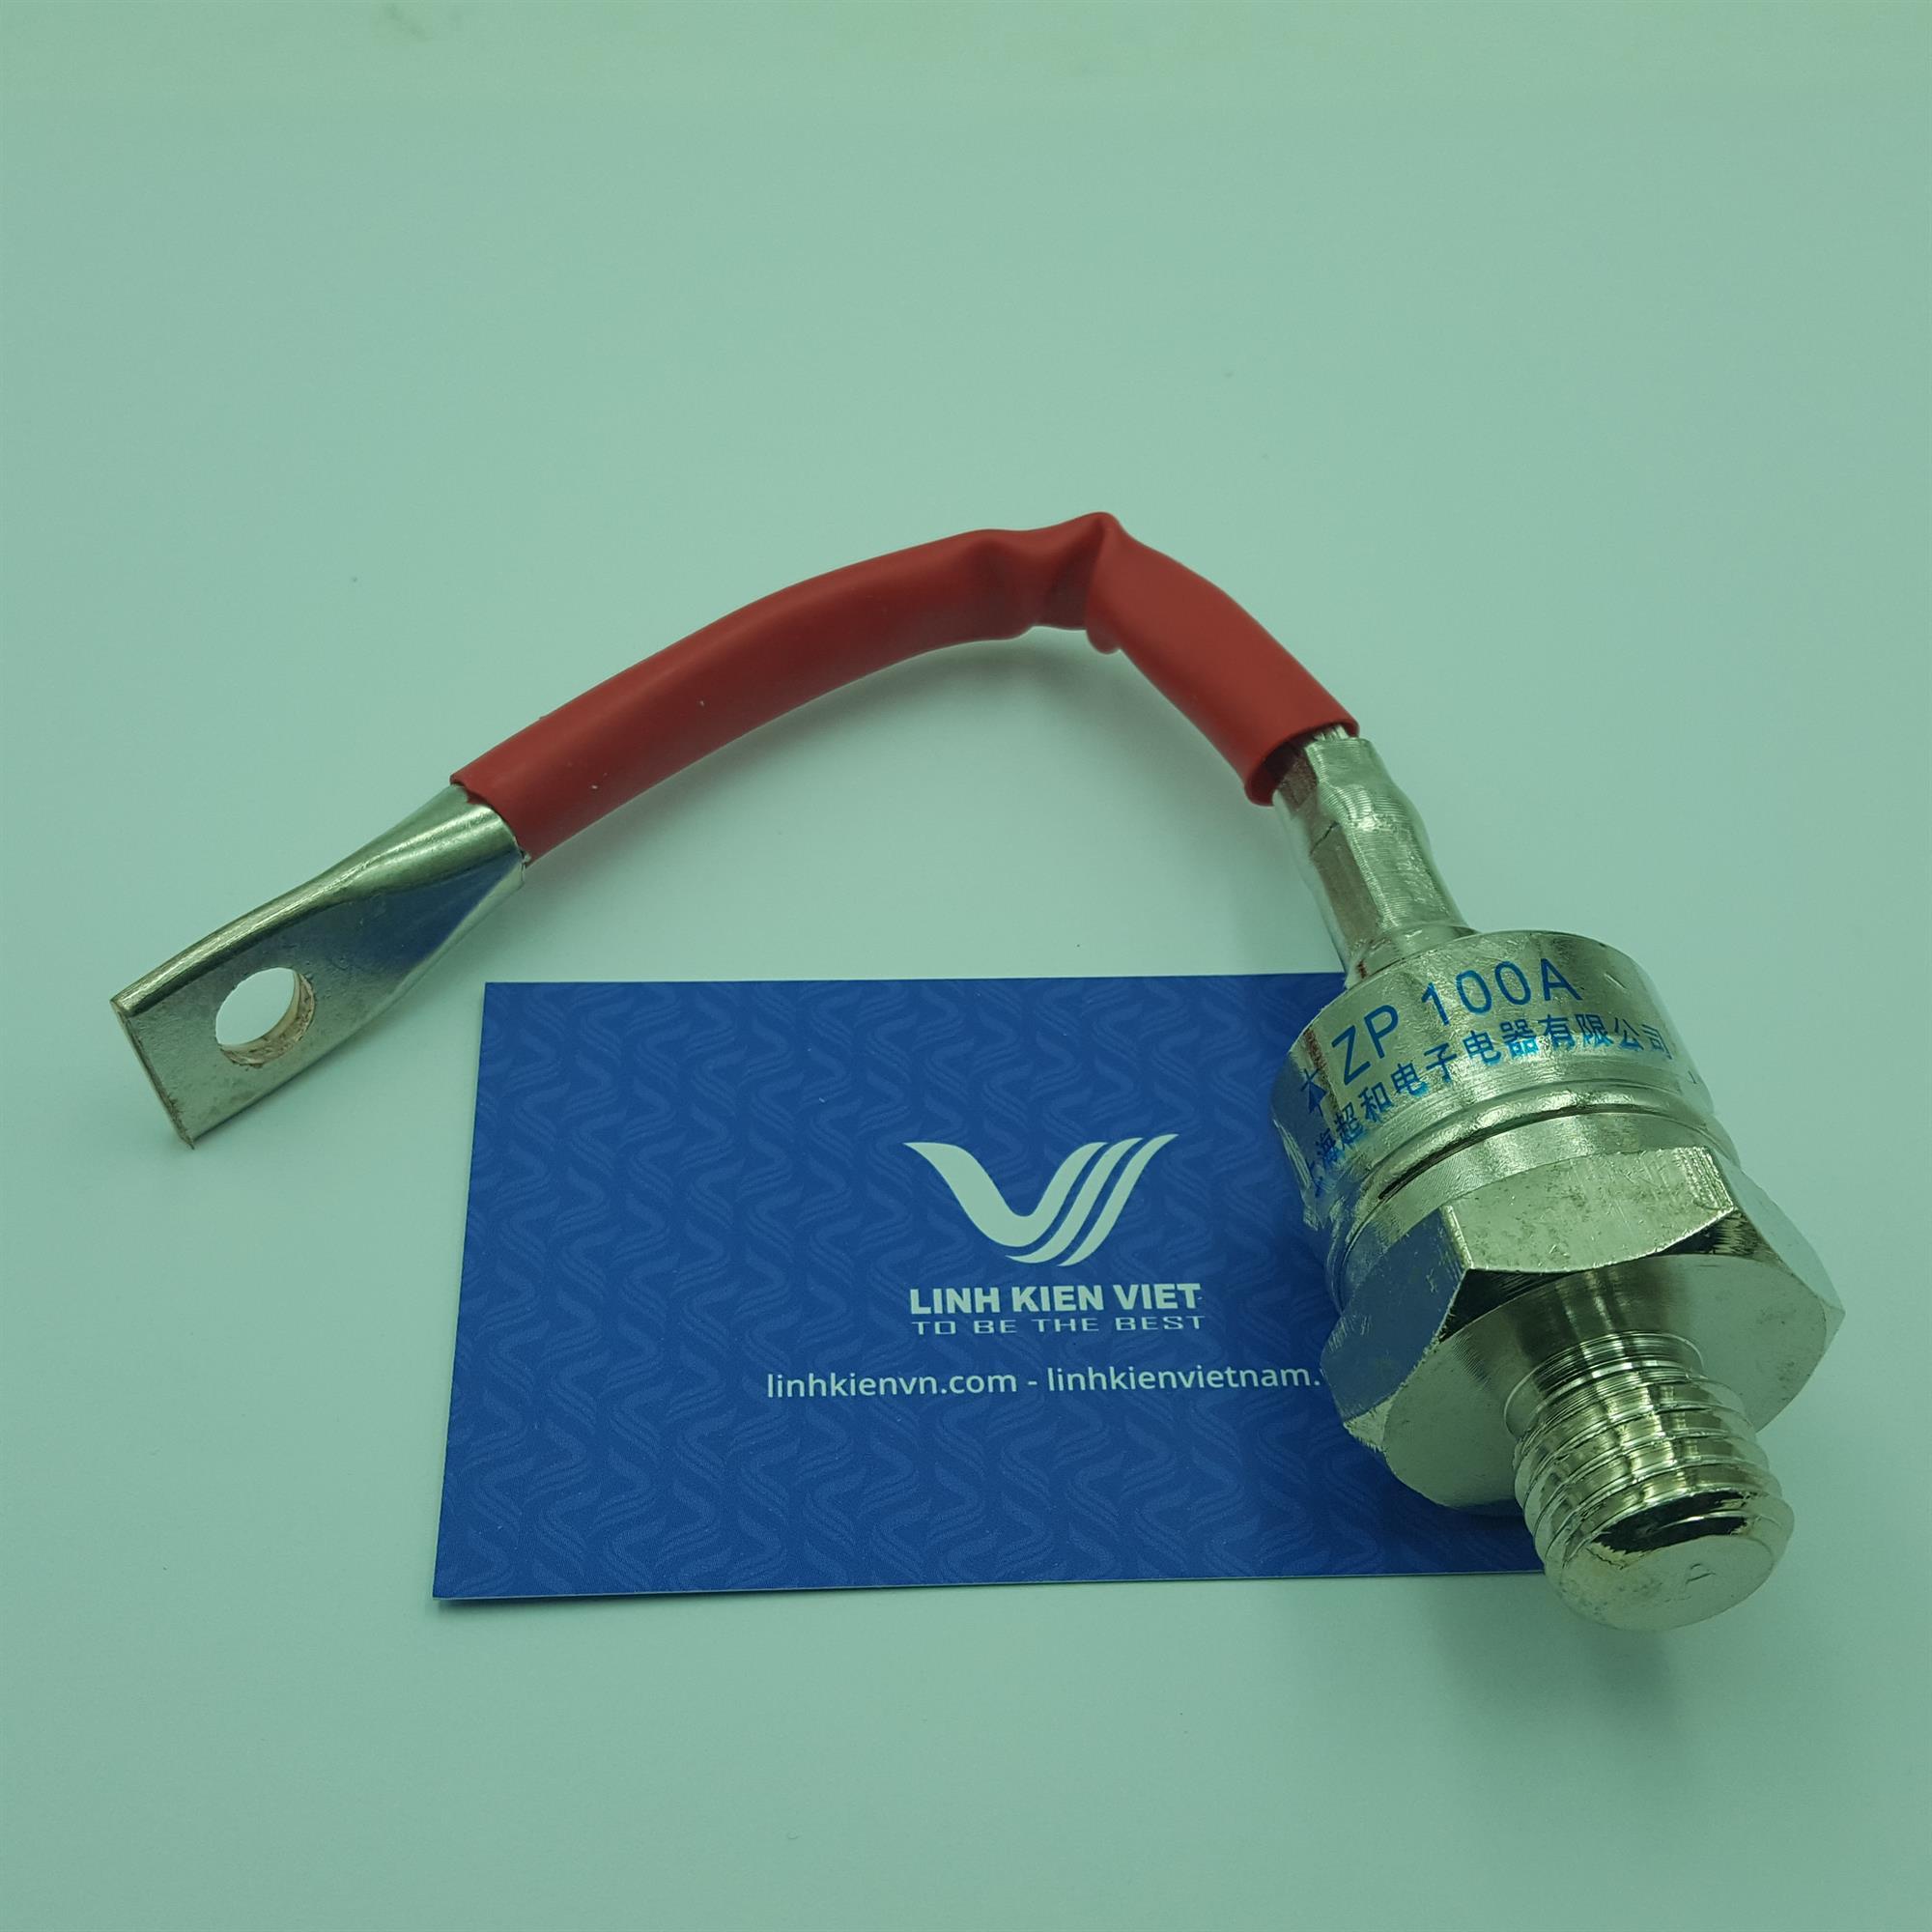 Diode 100A 1600V ZP100A / Diode chỉnh lưu 100A ZP100A - -J5H18